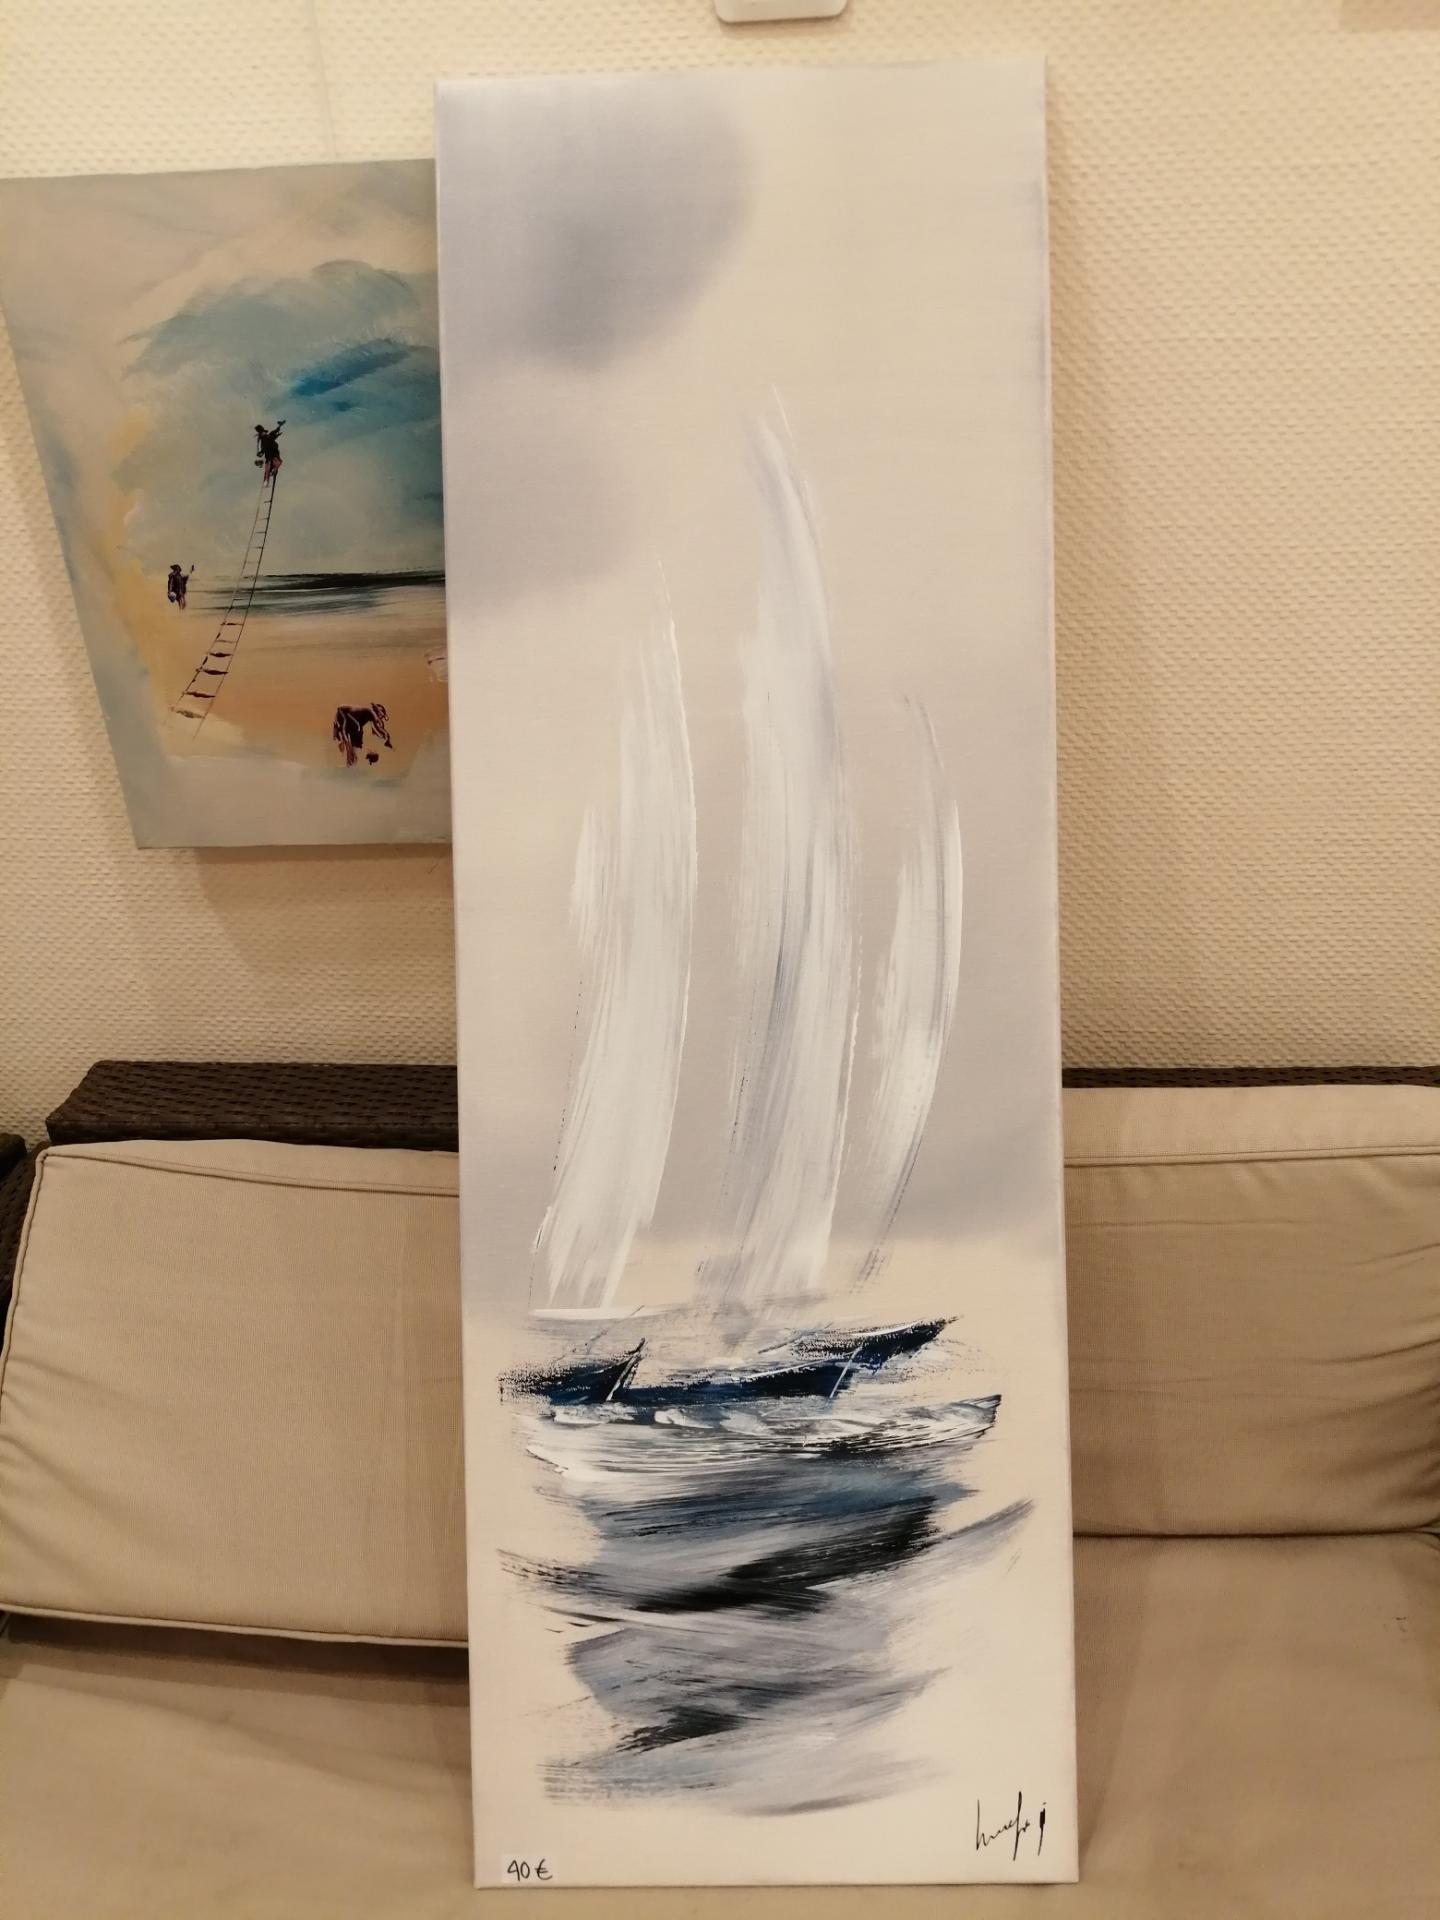 voilier sur fond gris